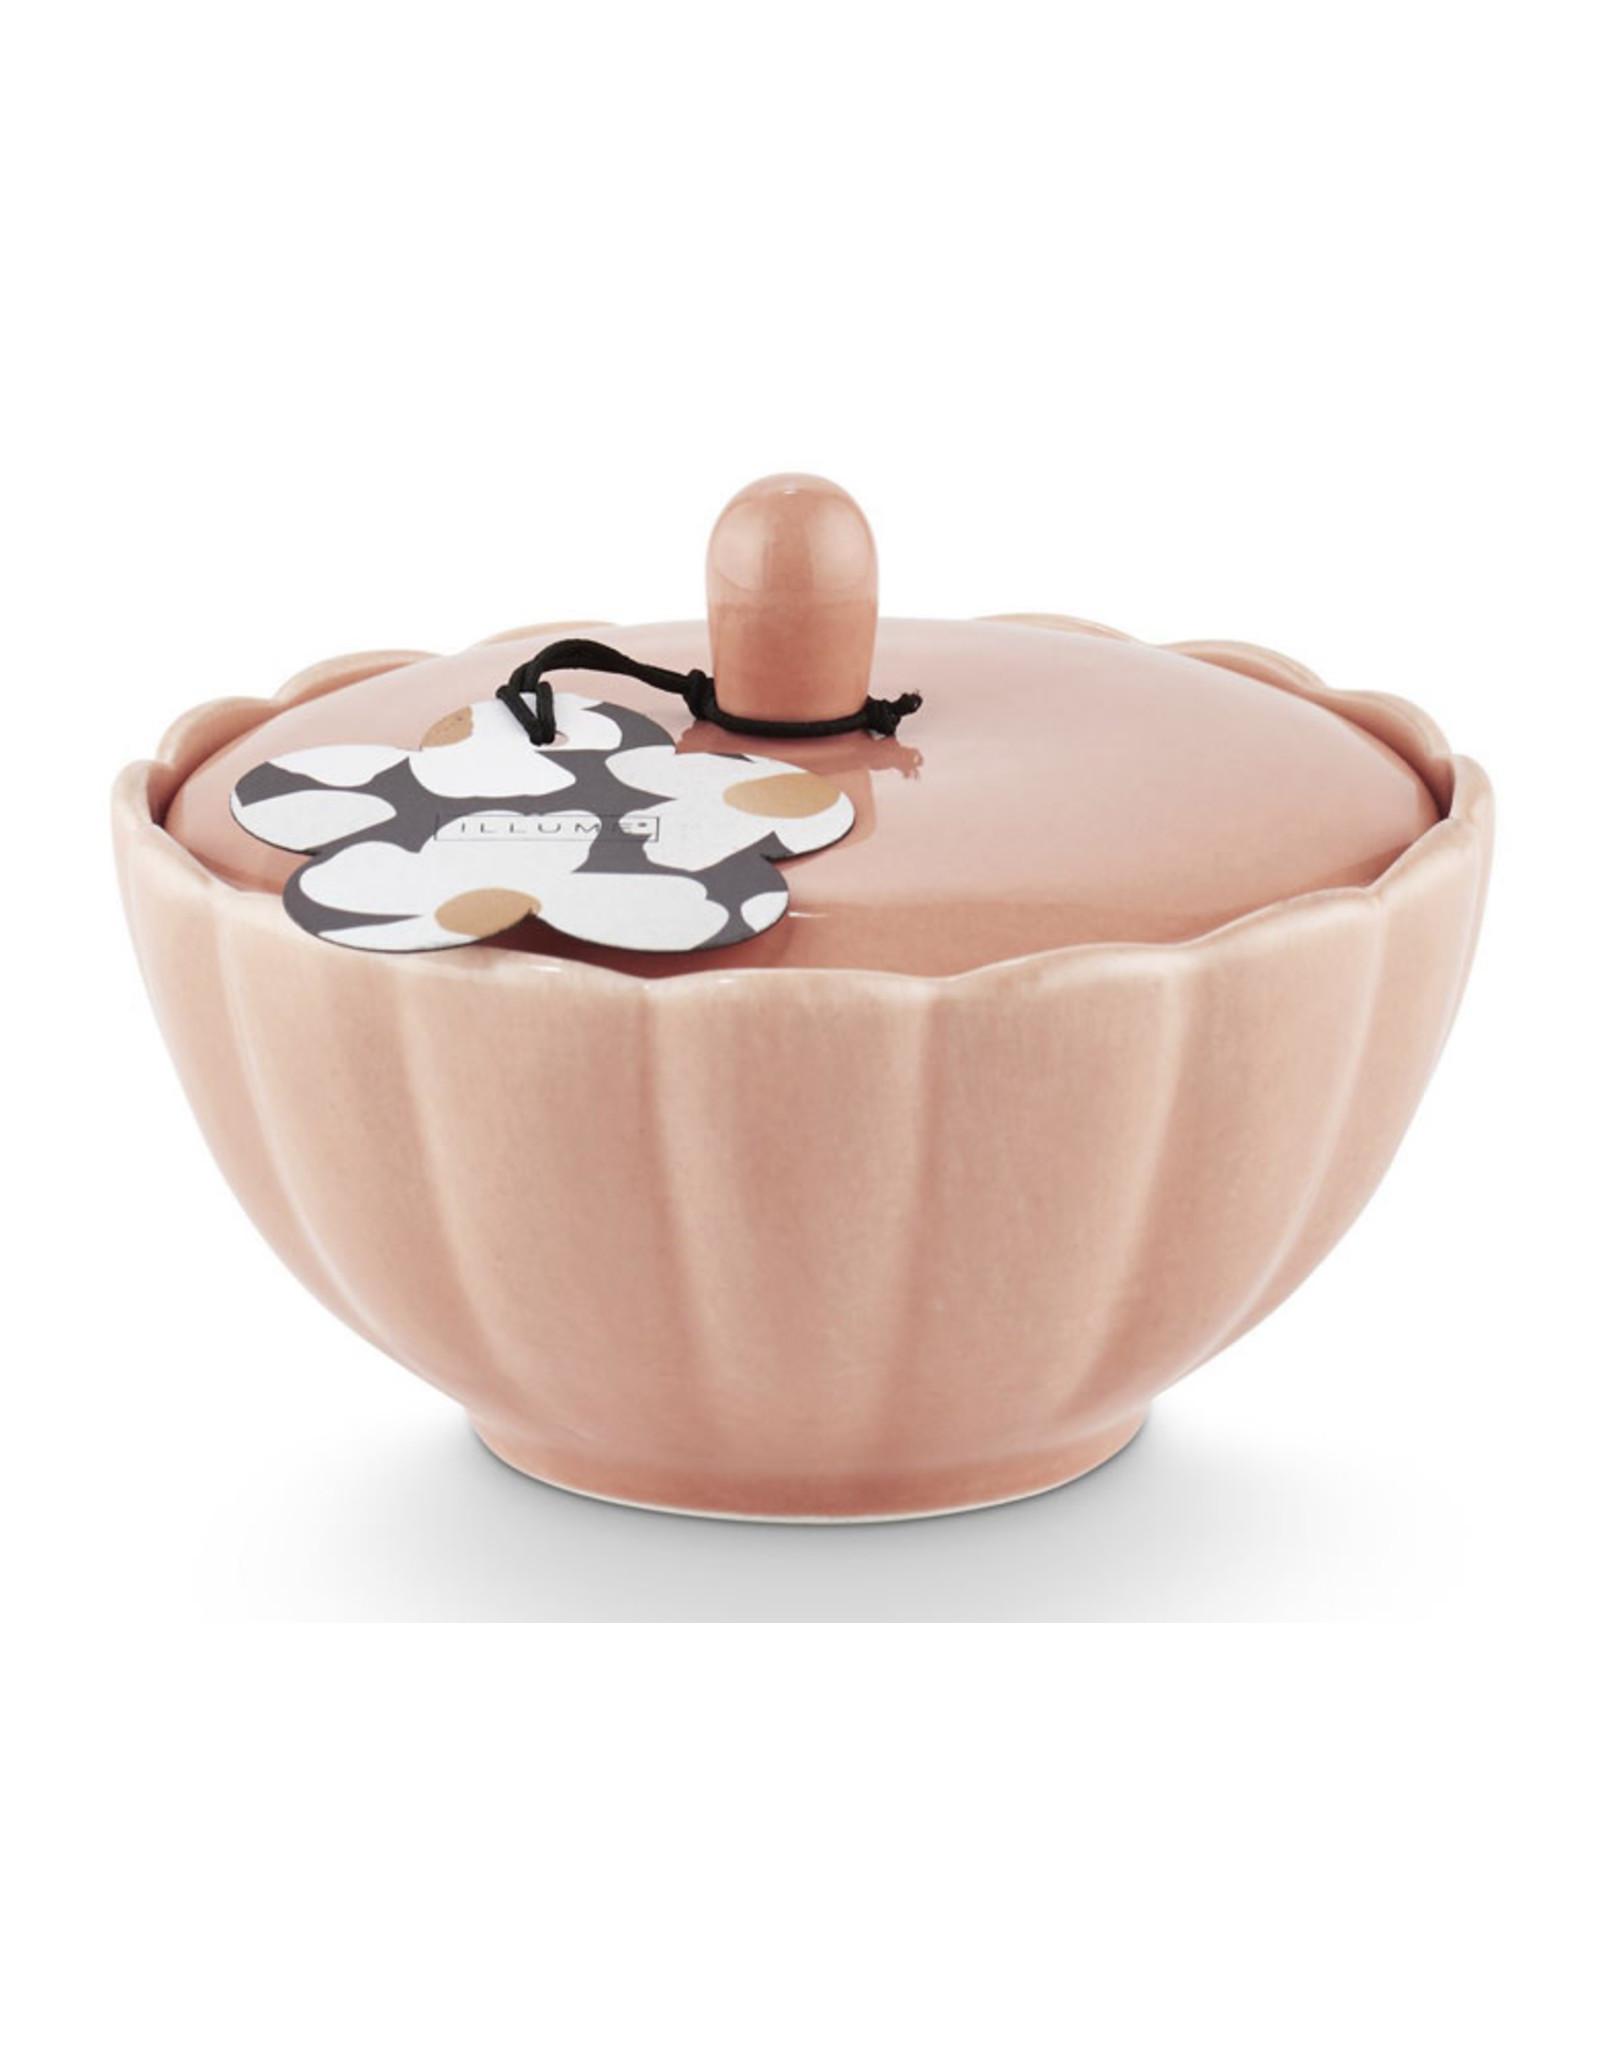 Illume Groovy Kind of Love Ceramic Candle